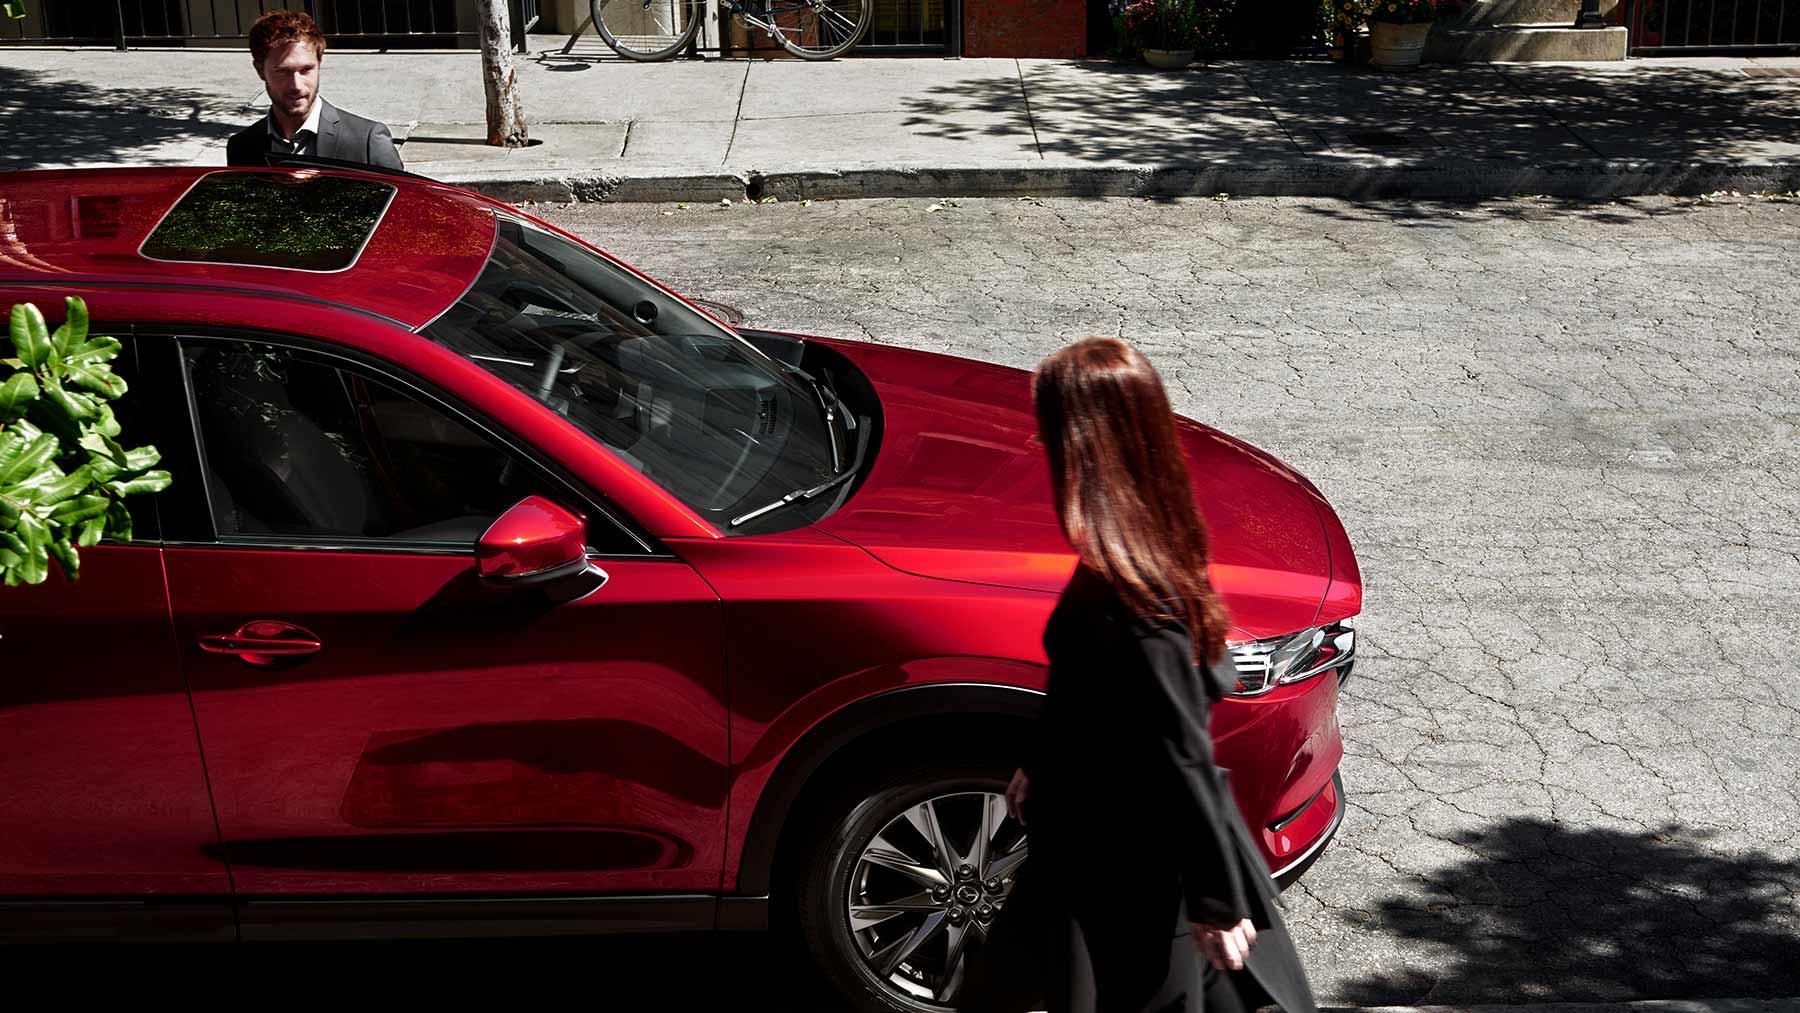 2019 Mazda Cx 5 Crossover Pictures Amp Videos Mazda Usa